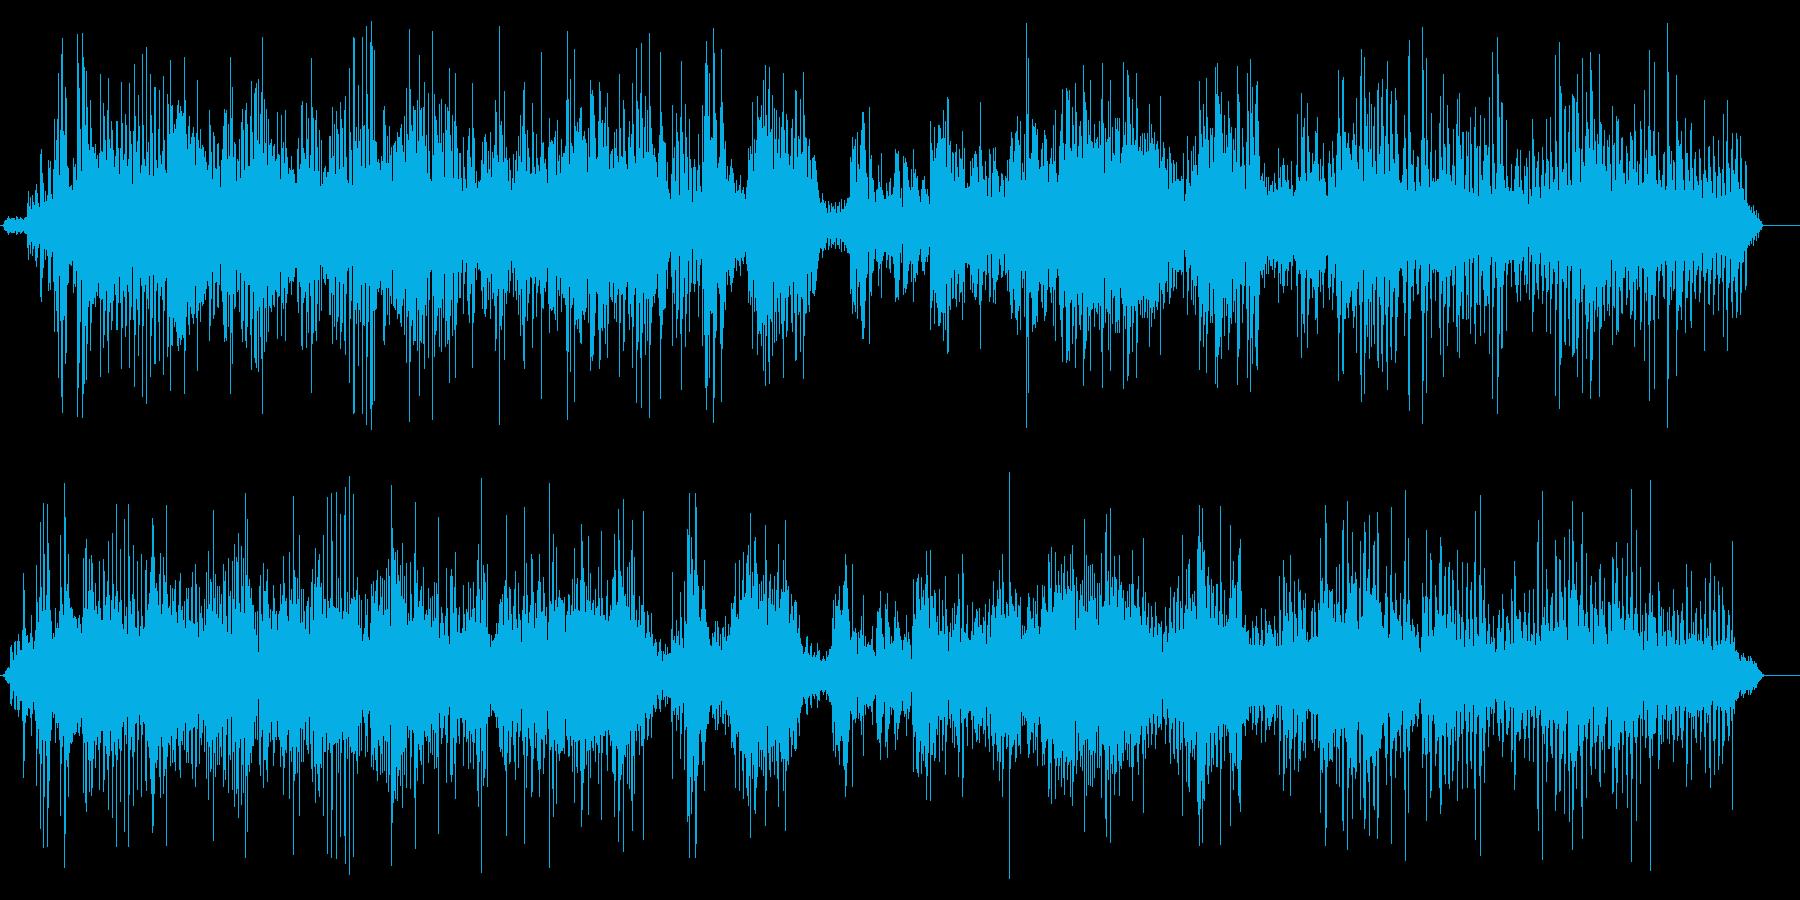 ジリジリジリ(放電現象)の再生済みの波形